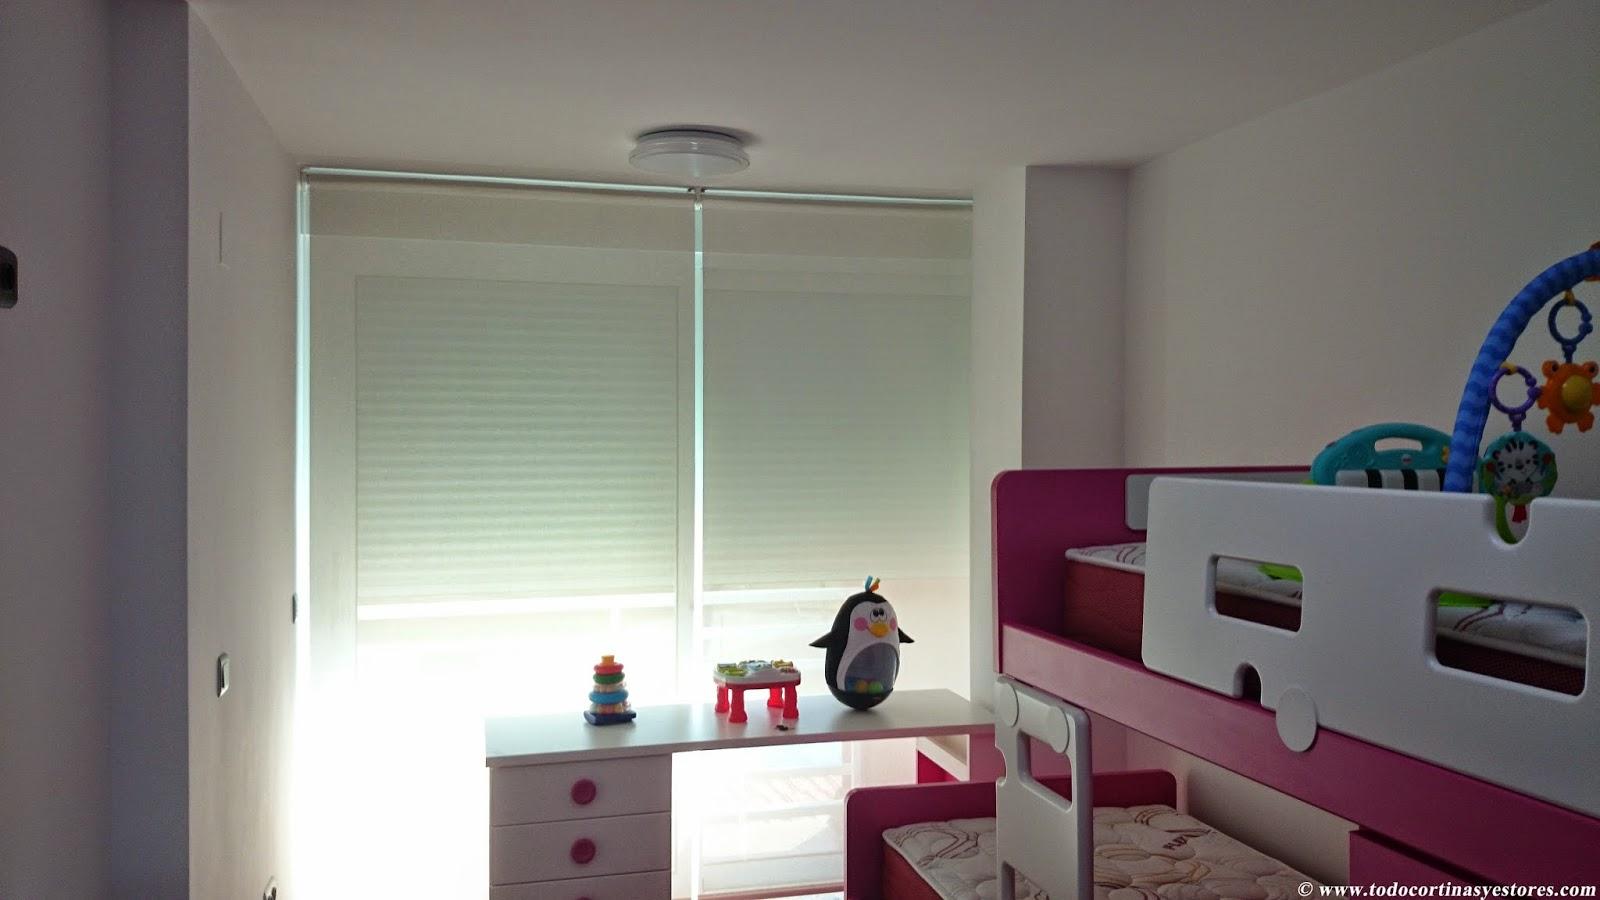 Decoracion interior cortinas verticales estores - Estores para habitacion ...